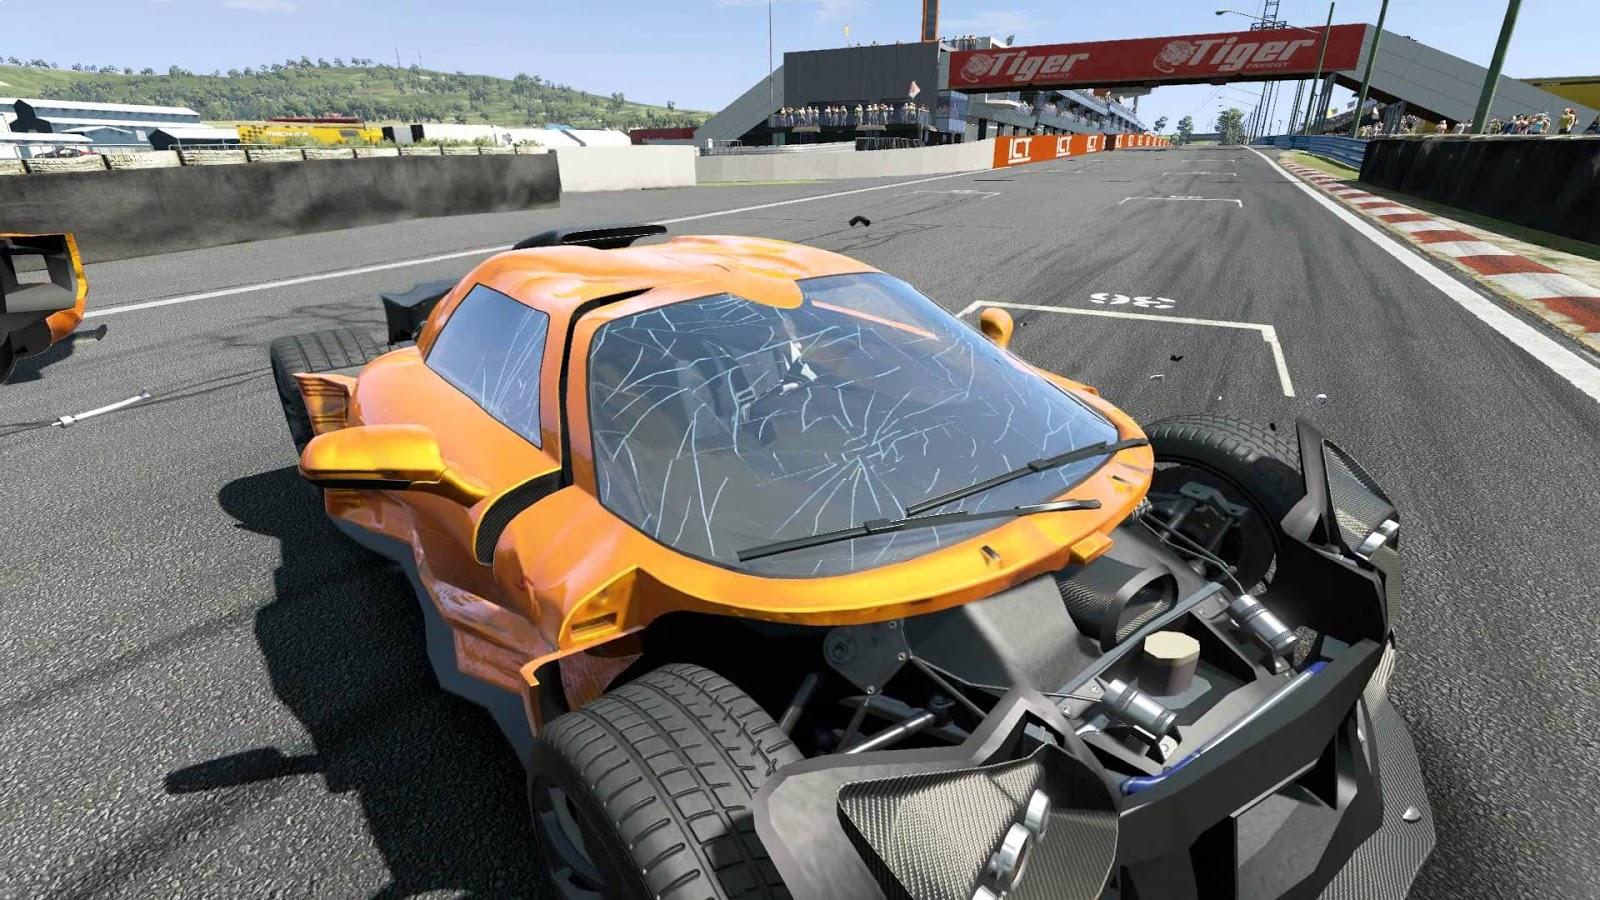 Car Crash Simulator Game Jolt